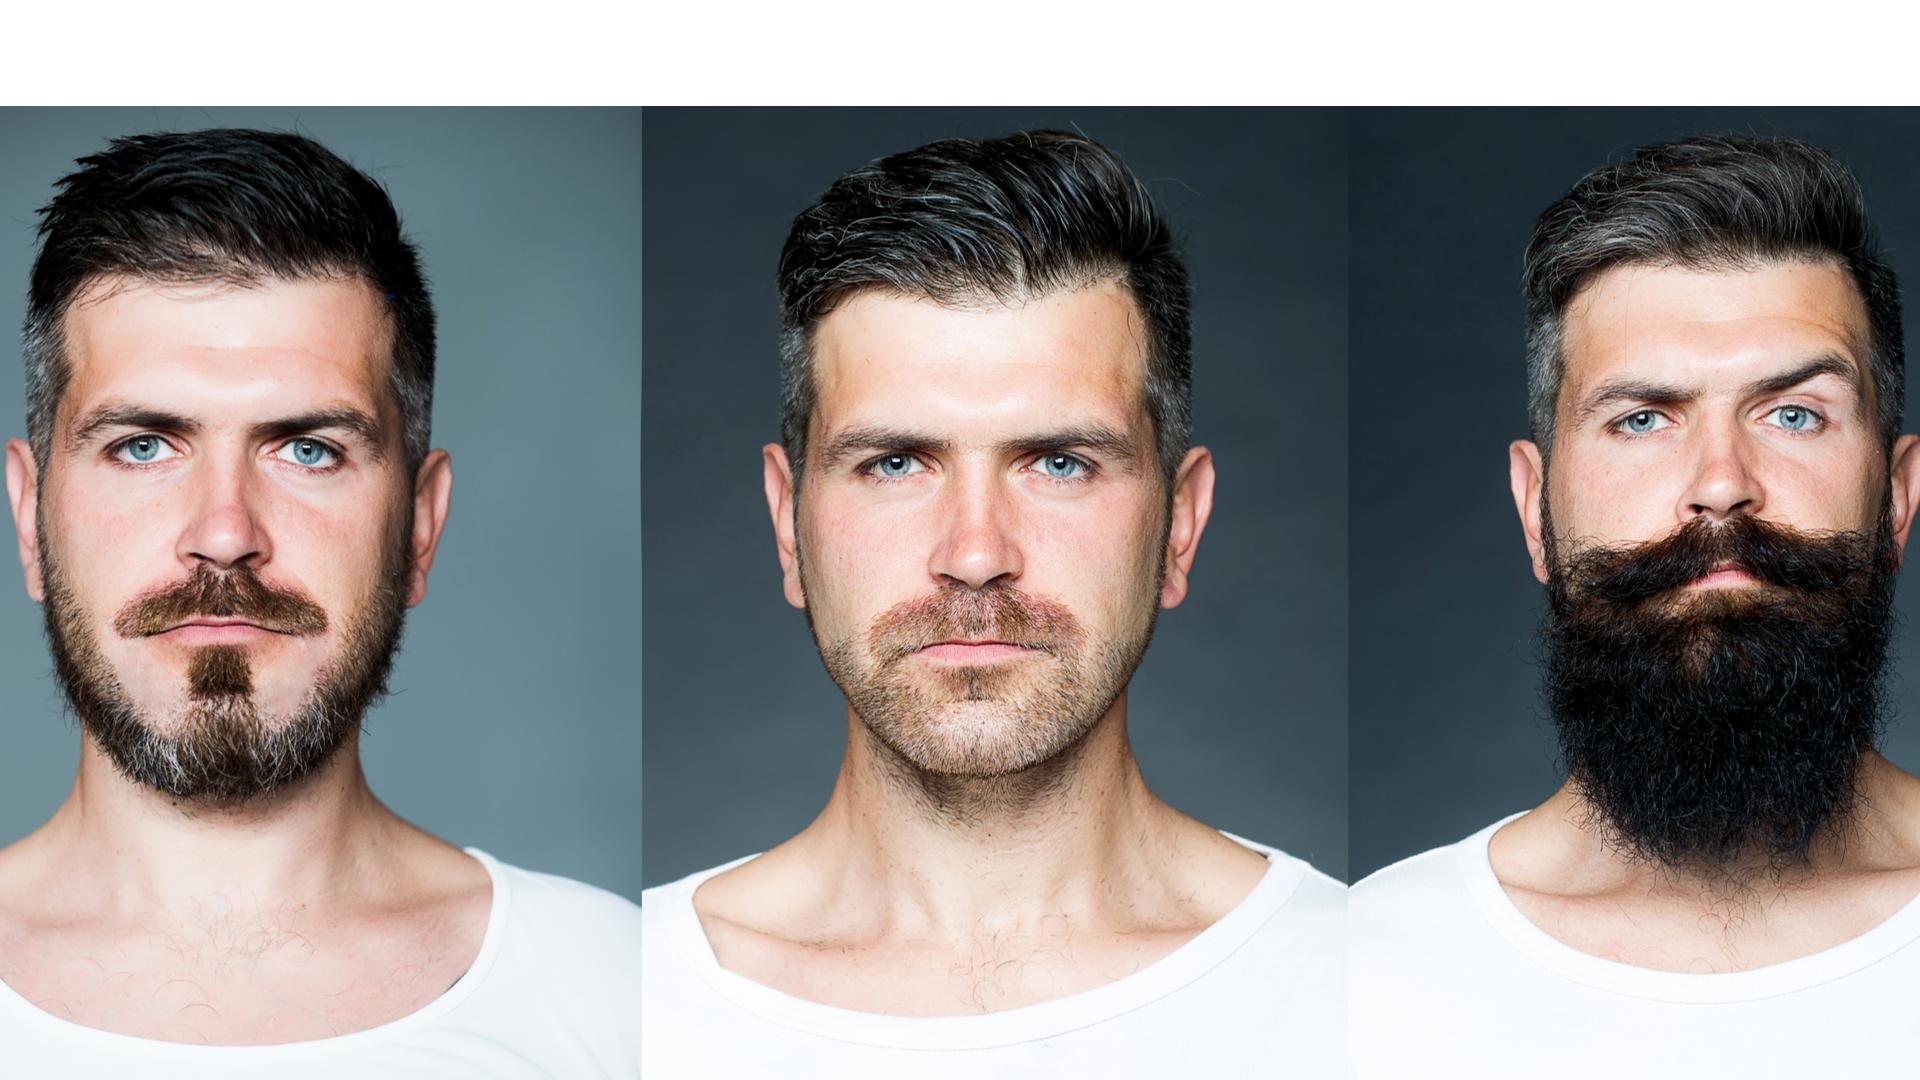 Imagem mostra homem com três tipos diferentes de barba